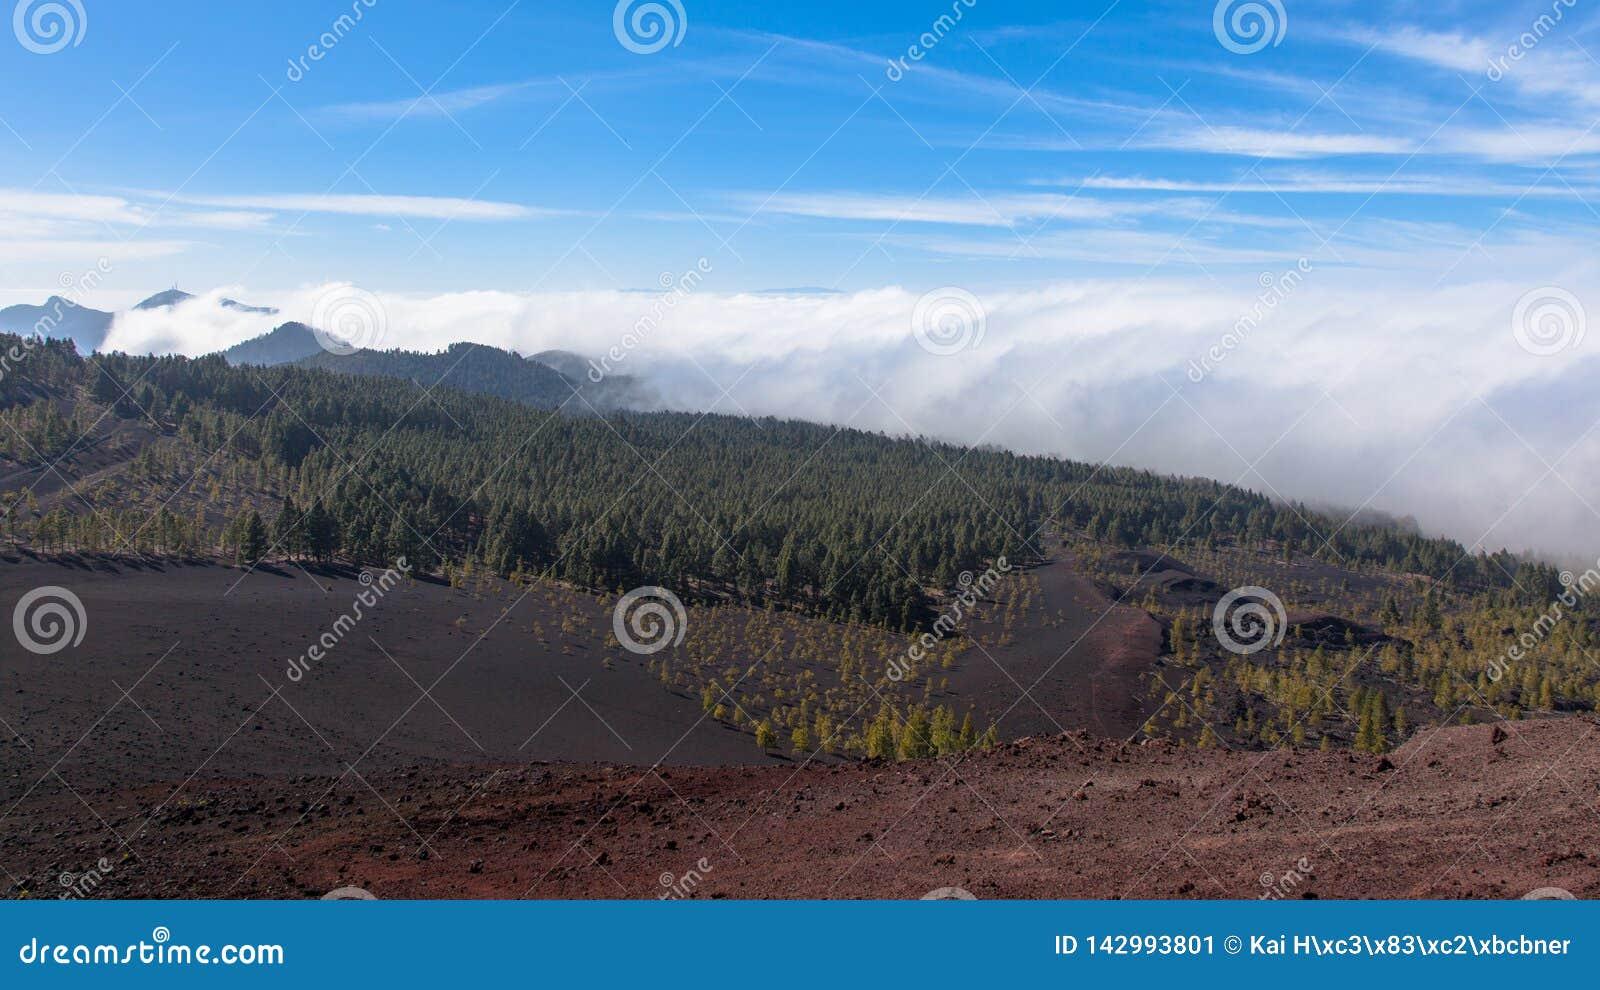 Ο αξιοπρόσεκτος ornographic καταρράκτης καλύπτει την ανατροπή πέρα από τη leeward κλίση των βουνών βόρειο Tenerife